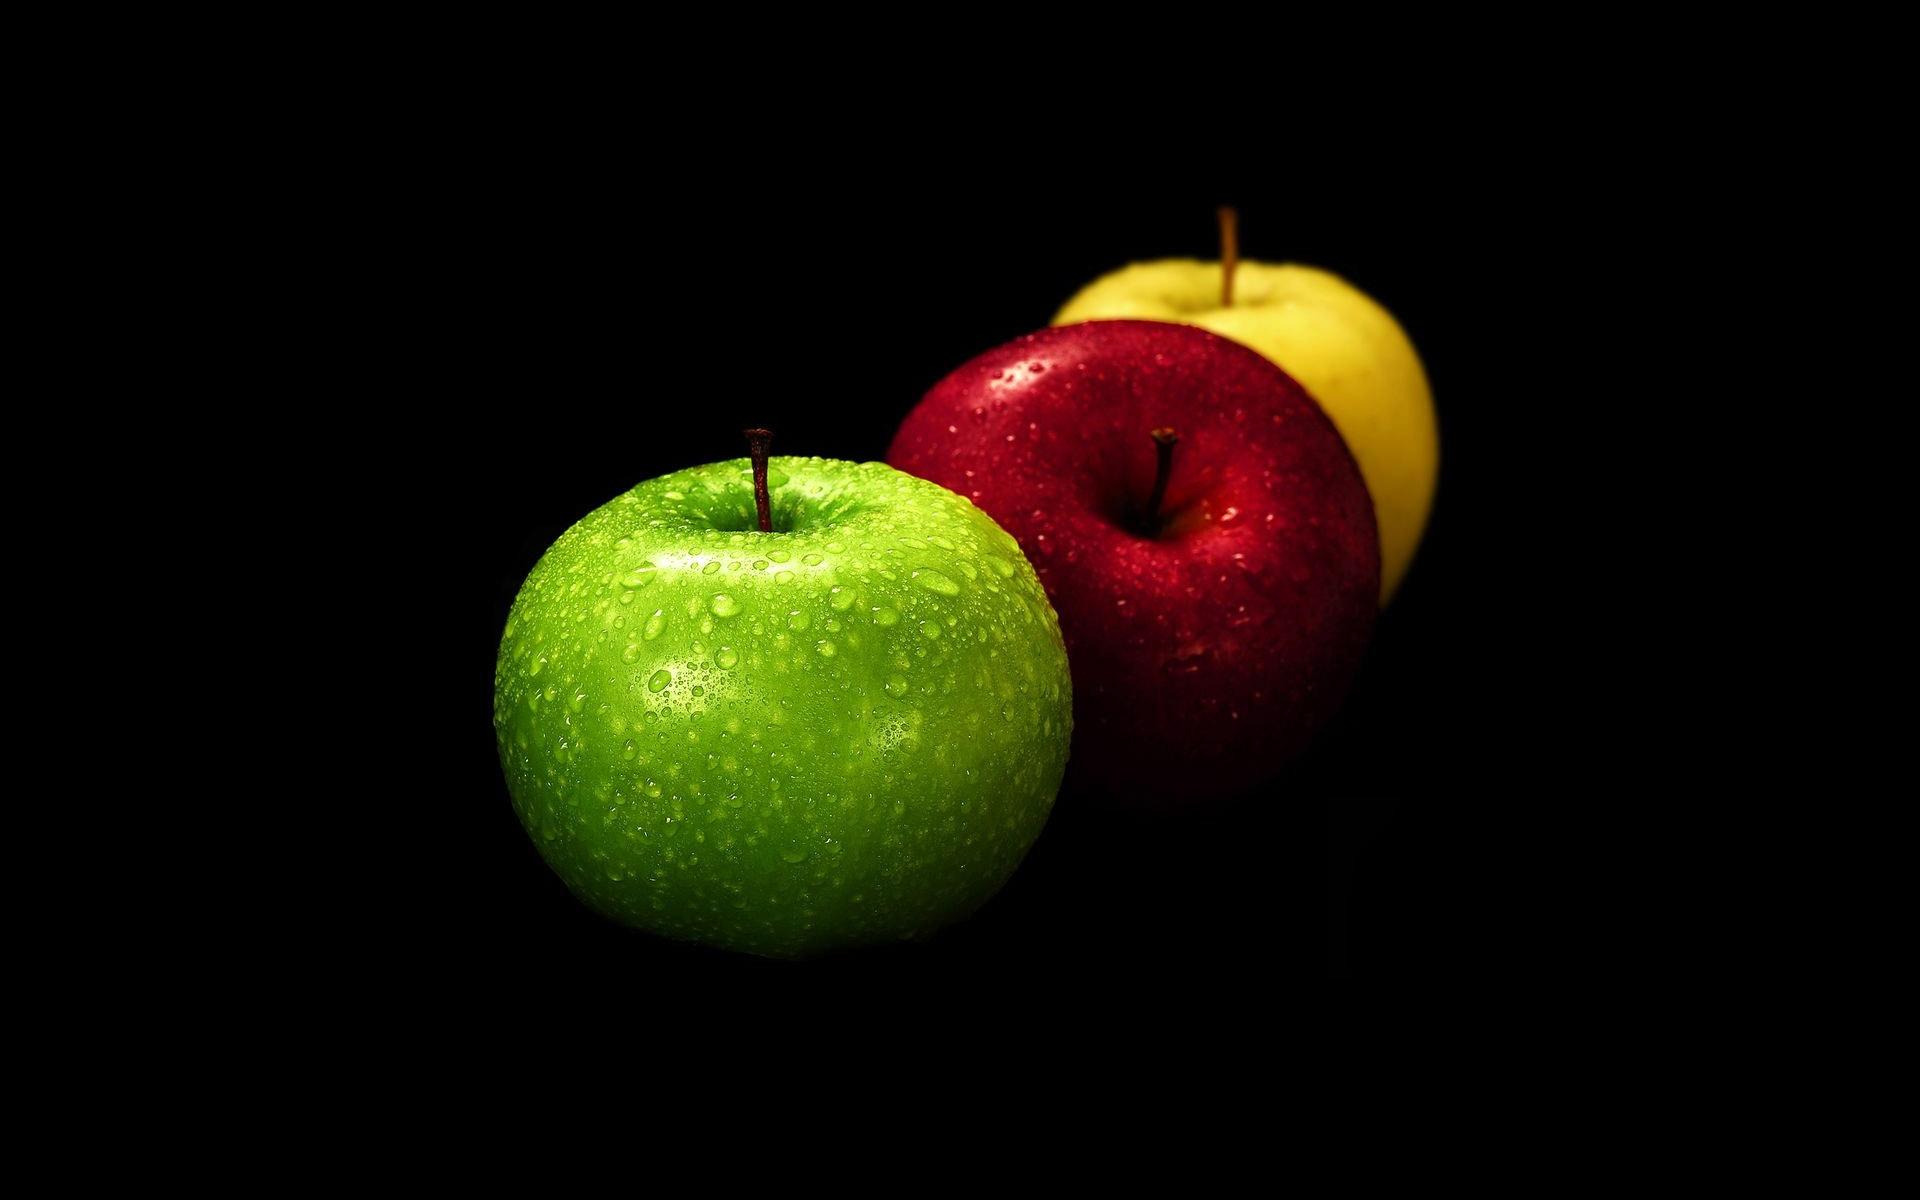 яблоки на черном фоне, обои на рабочий стол